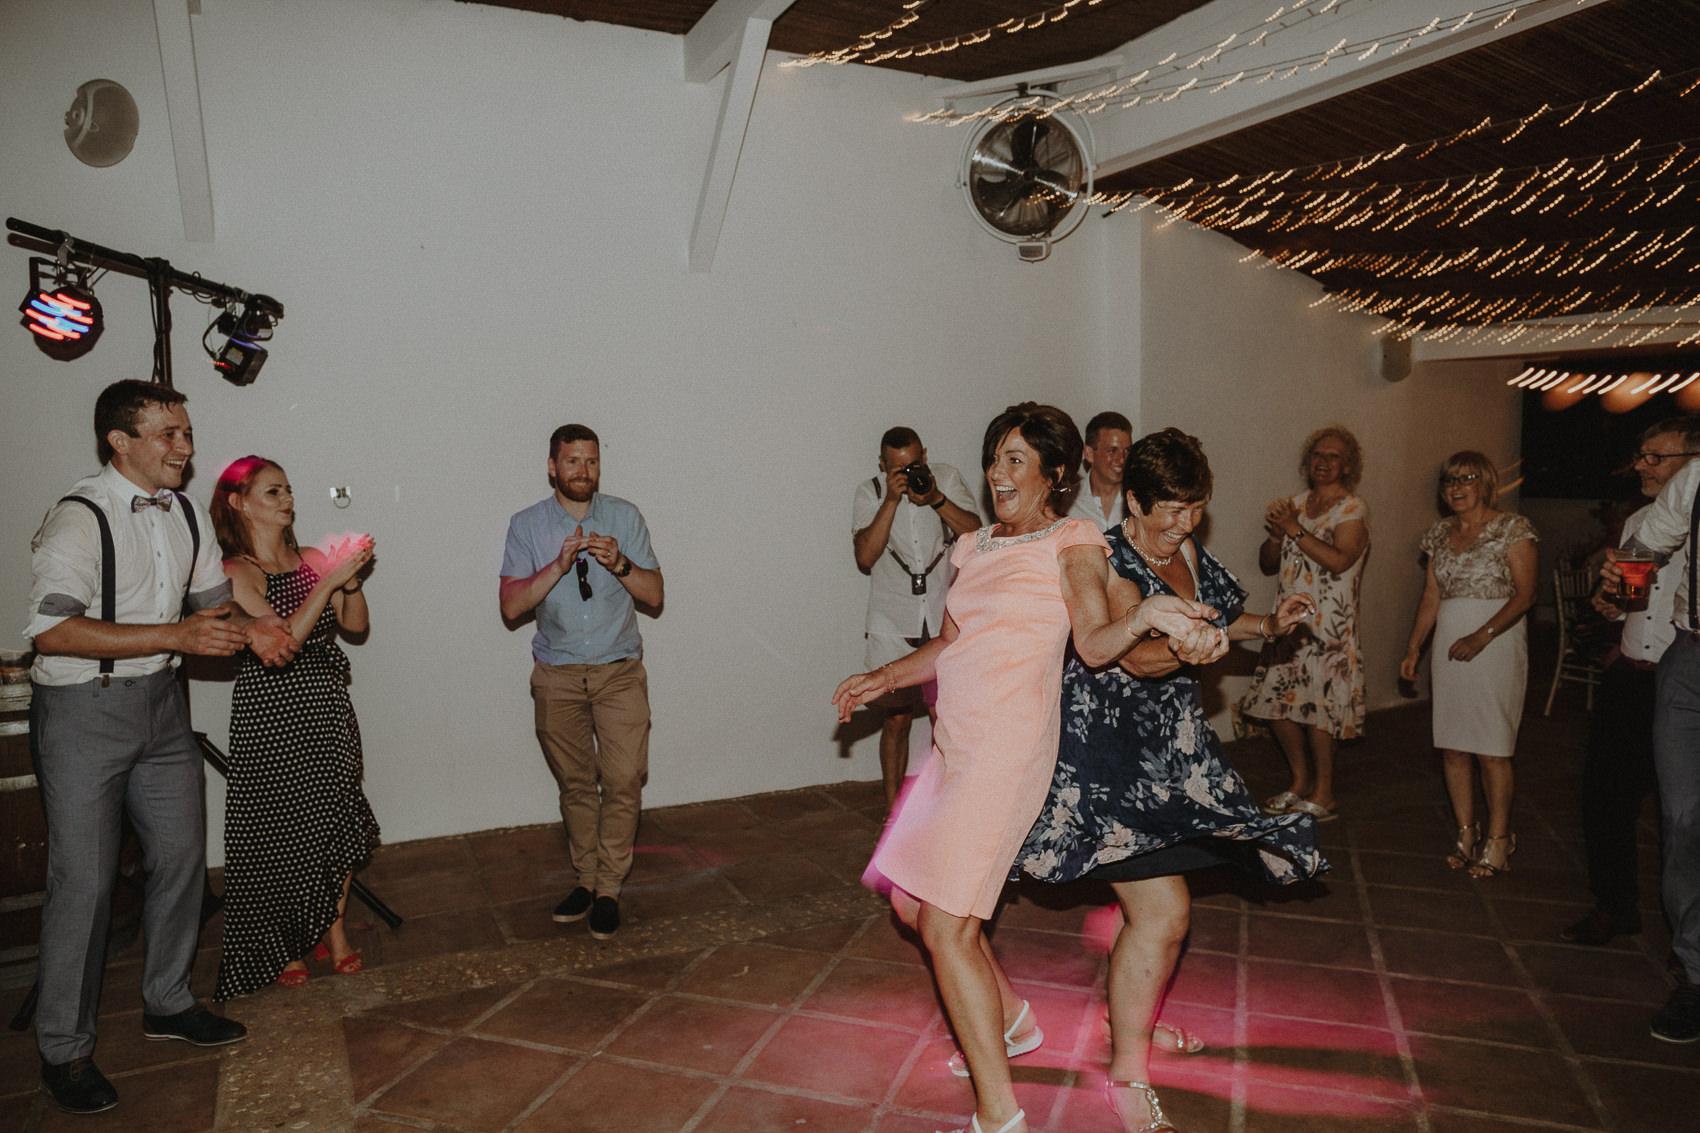 Sarah & Bill | Summer wedding at Cortijo Rosa Blanca | Marbella - Spain 178